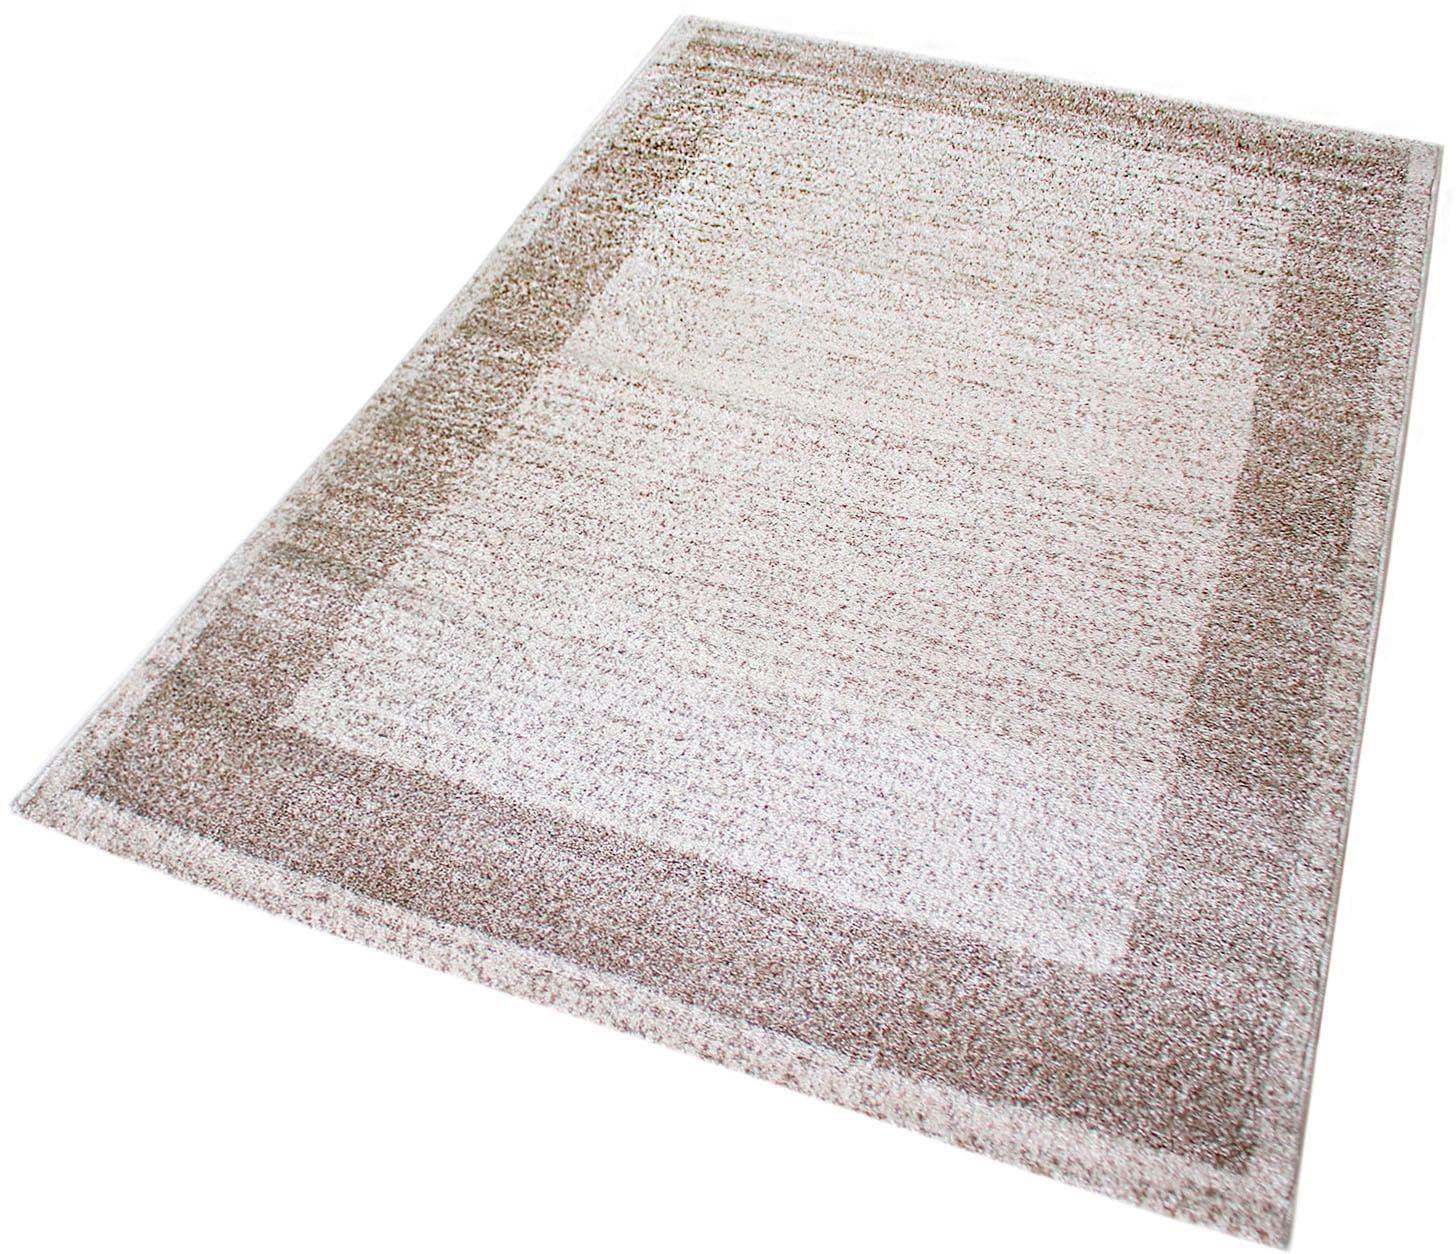 Teppich Efes 7437 Sehrazat rechteckig Höhe 9 mm maschinell gewebt